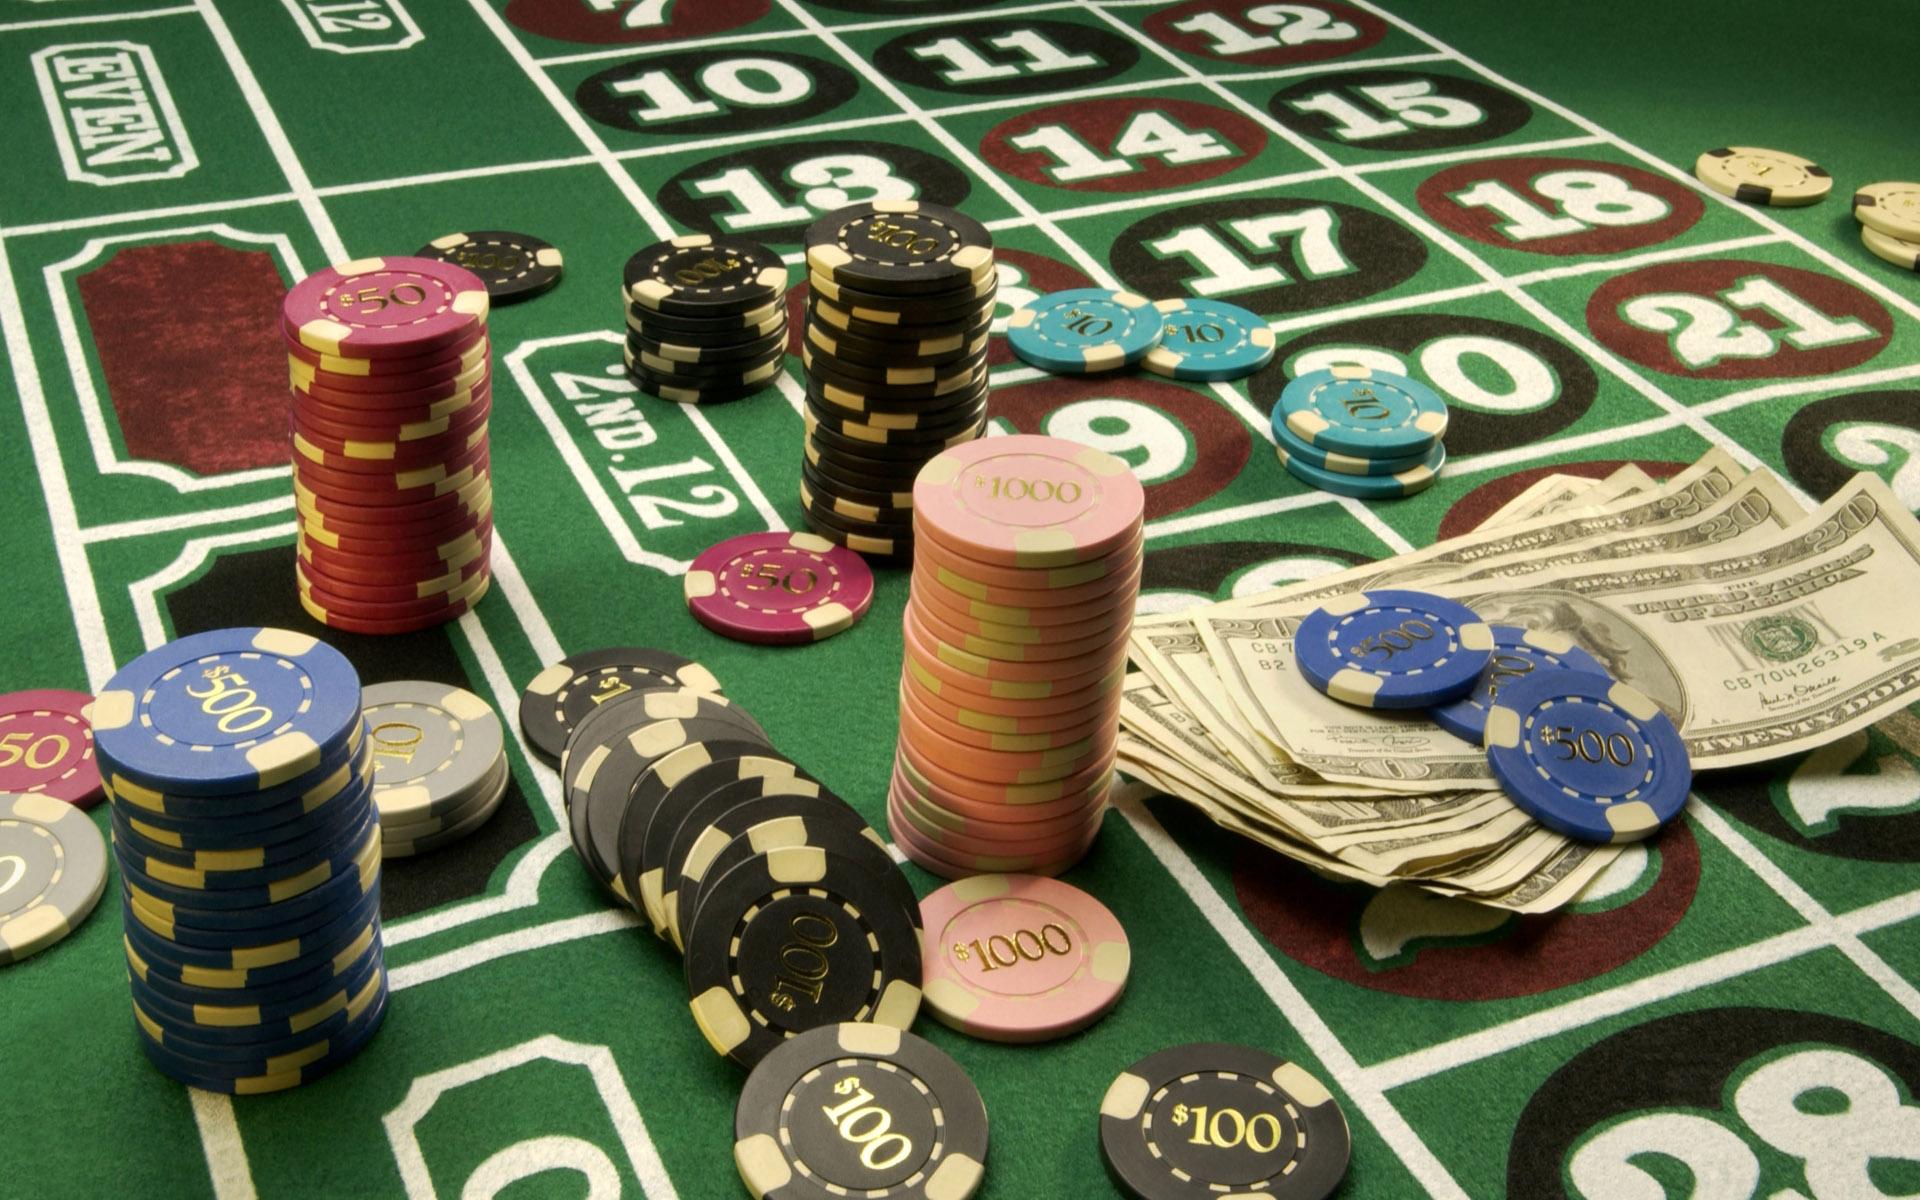 Domino casino game